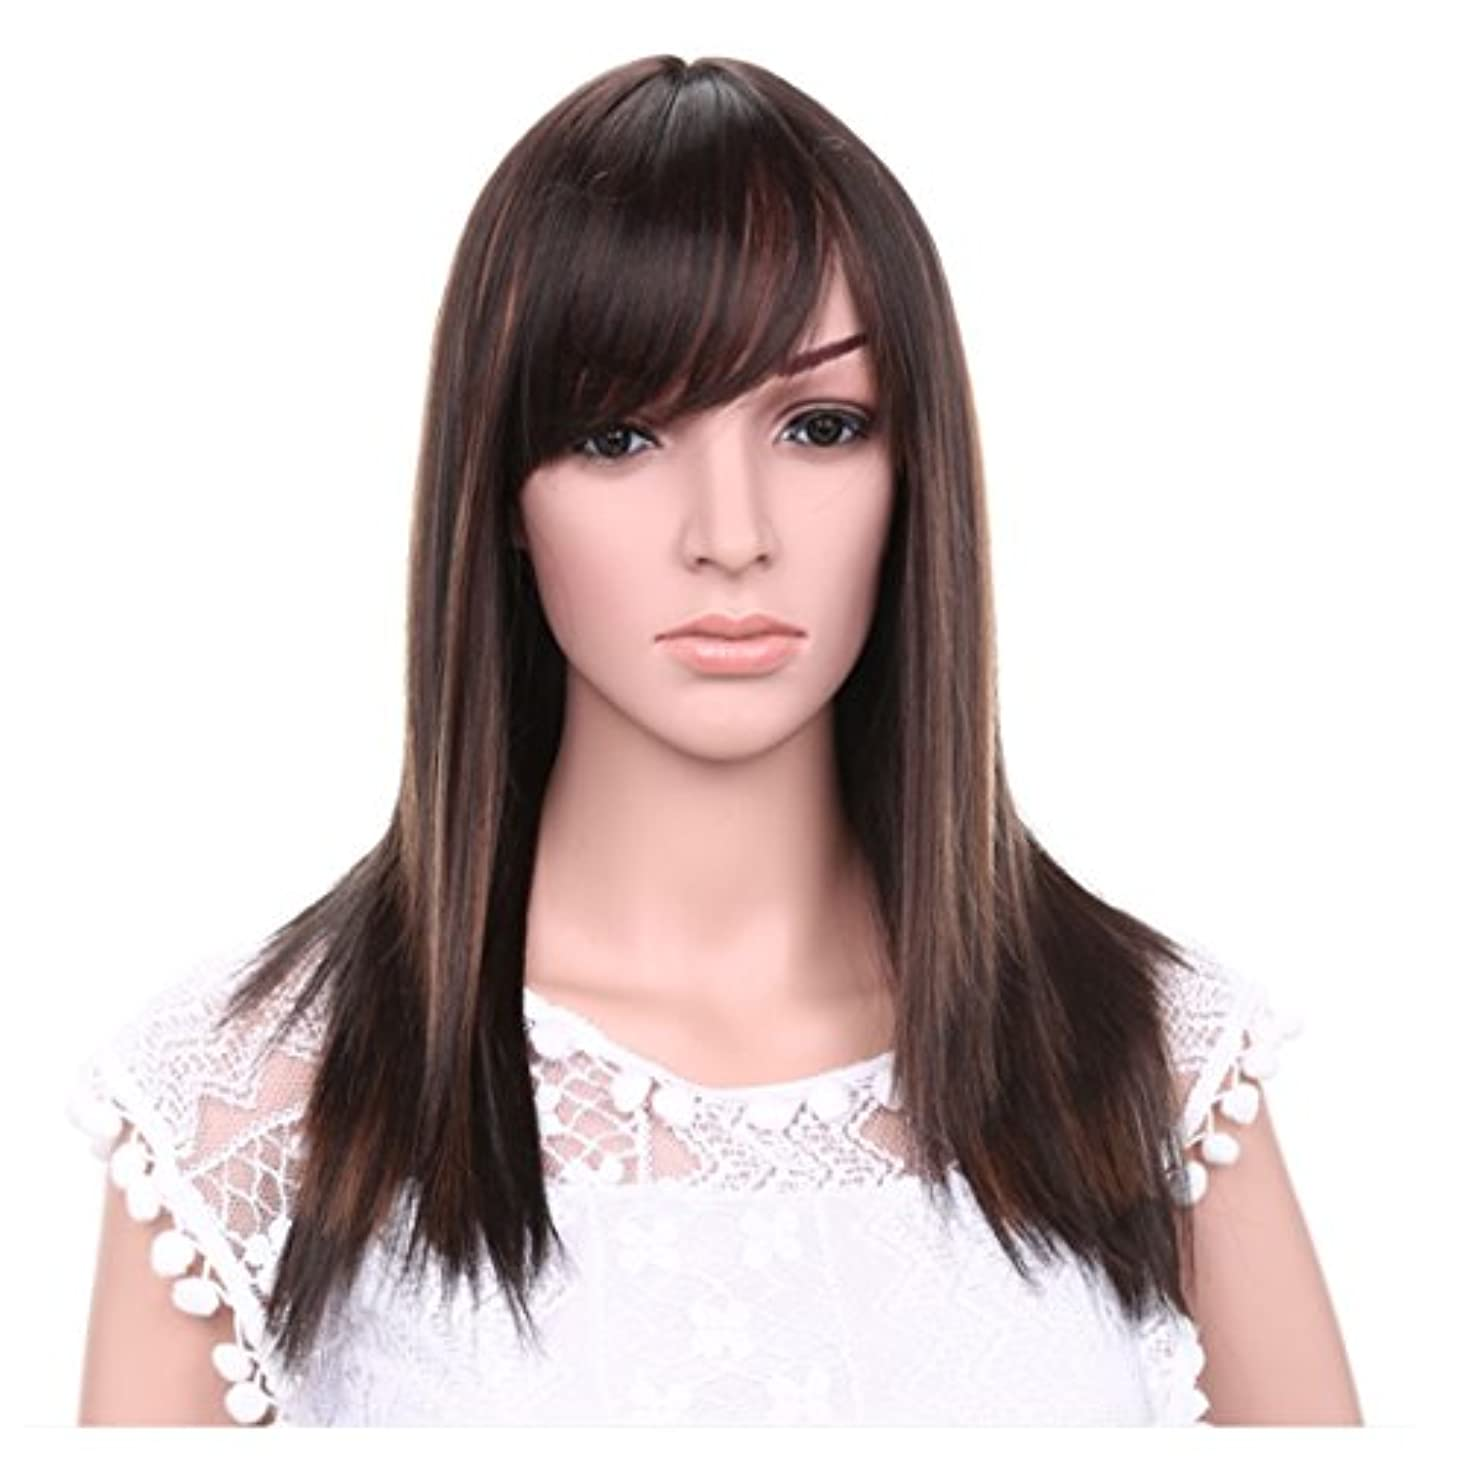 俳句蒸留ラベルJIANFU 女性のための21inchロングストレートウィッグ髪の自然な色茶色の黒のかつらの斜め強打女性のための髪の耐熱性 (Color : Brownish black highlight)